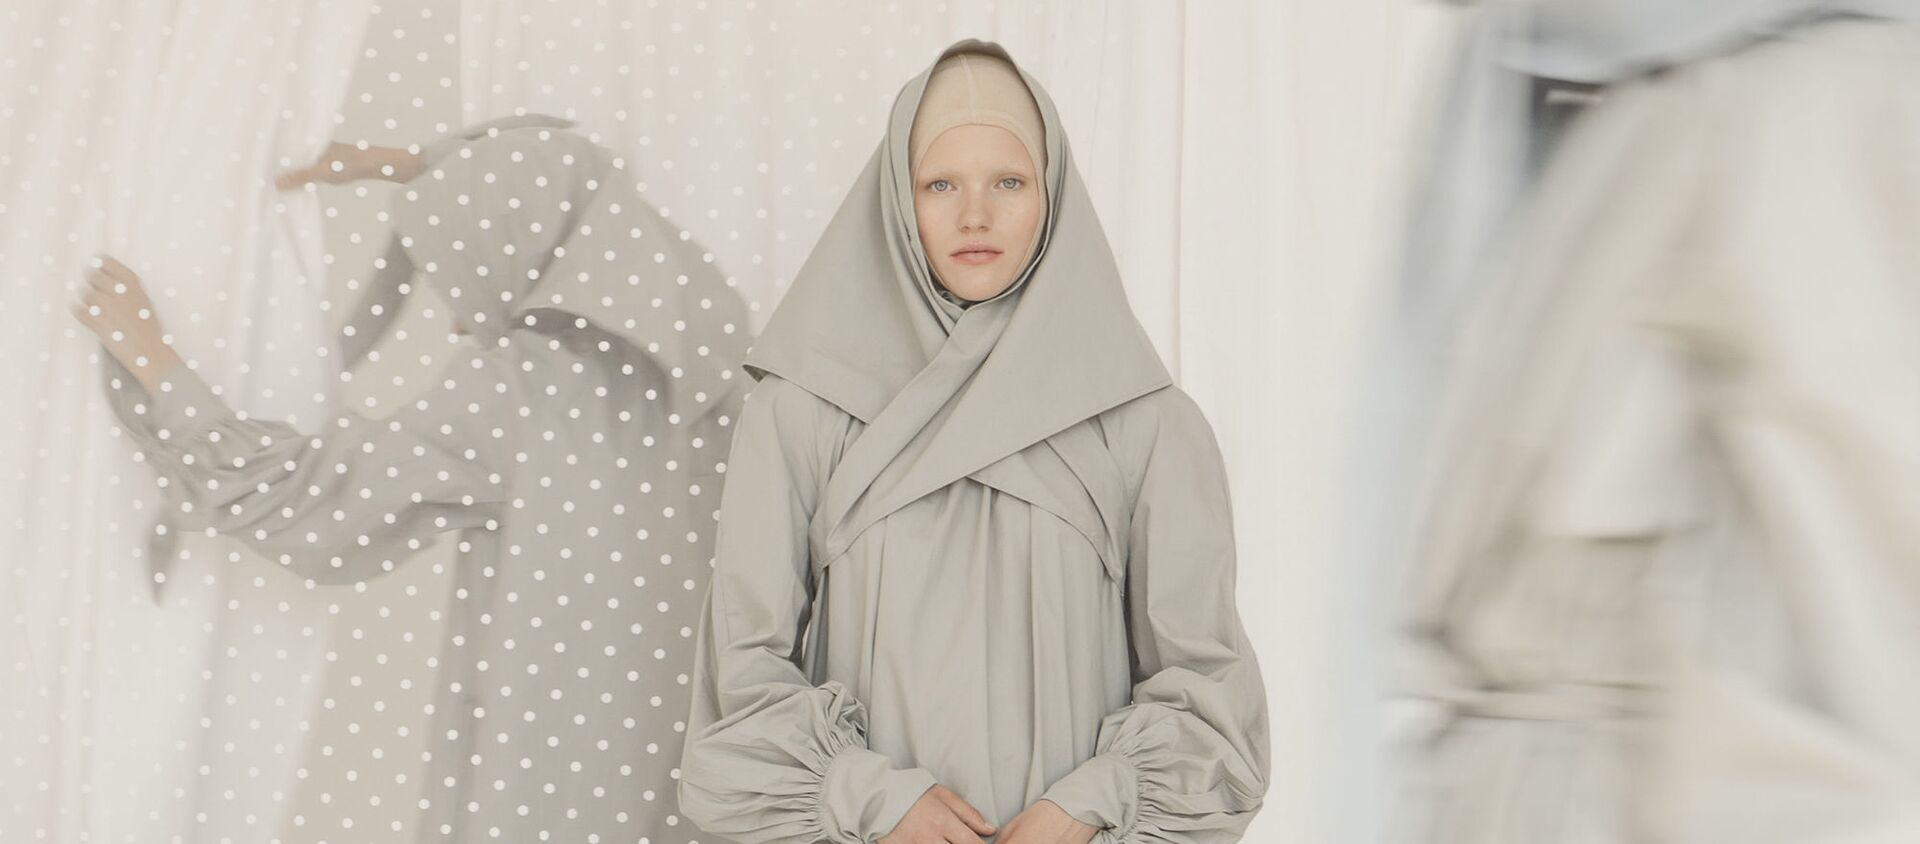 Как москвичка приняла ислам и создала бренд мусульманской одежды - Sputnik Азербайджан, 1920, 10.02.2021